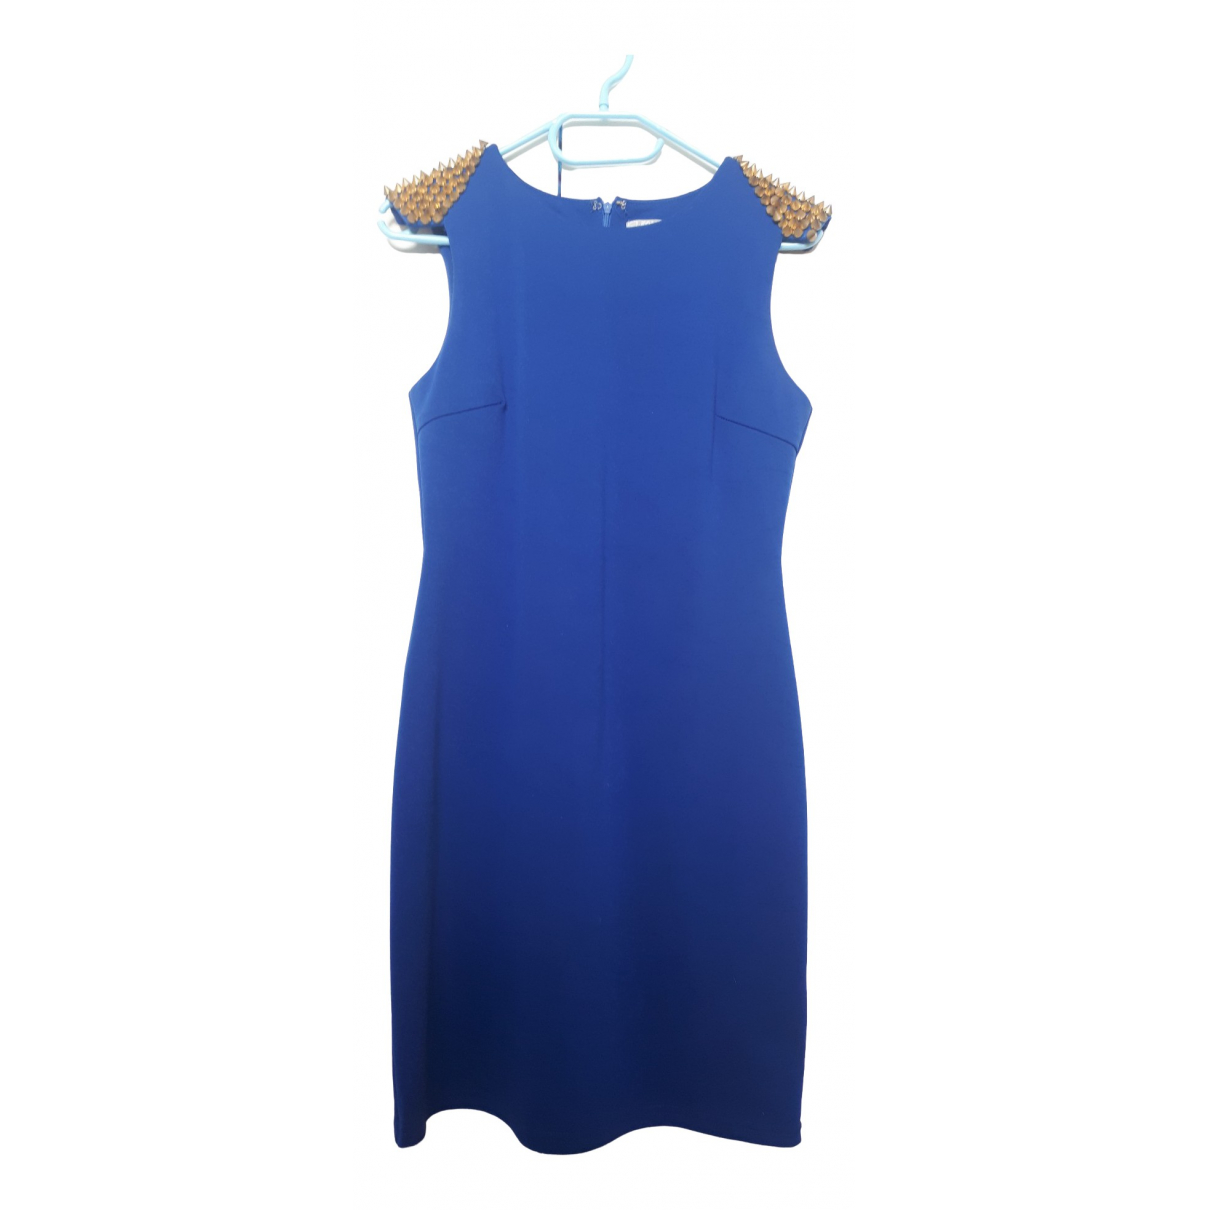 Tophop \N Kleid in  Blau Polyester